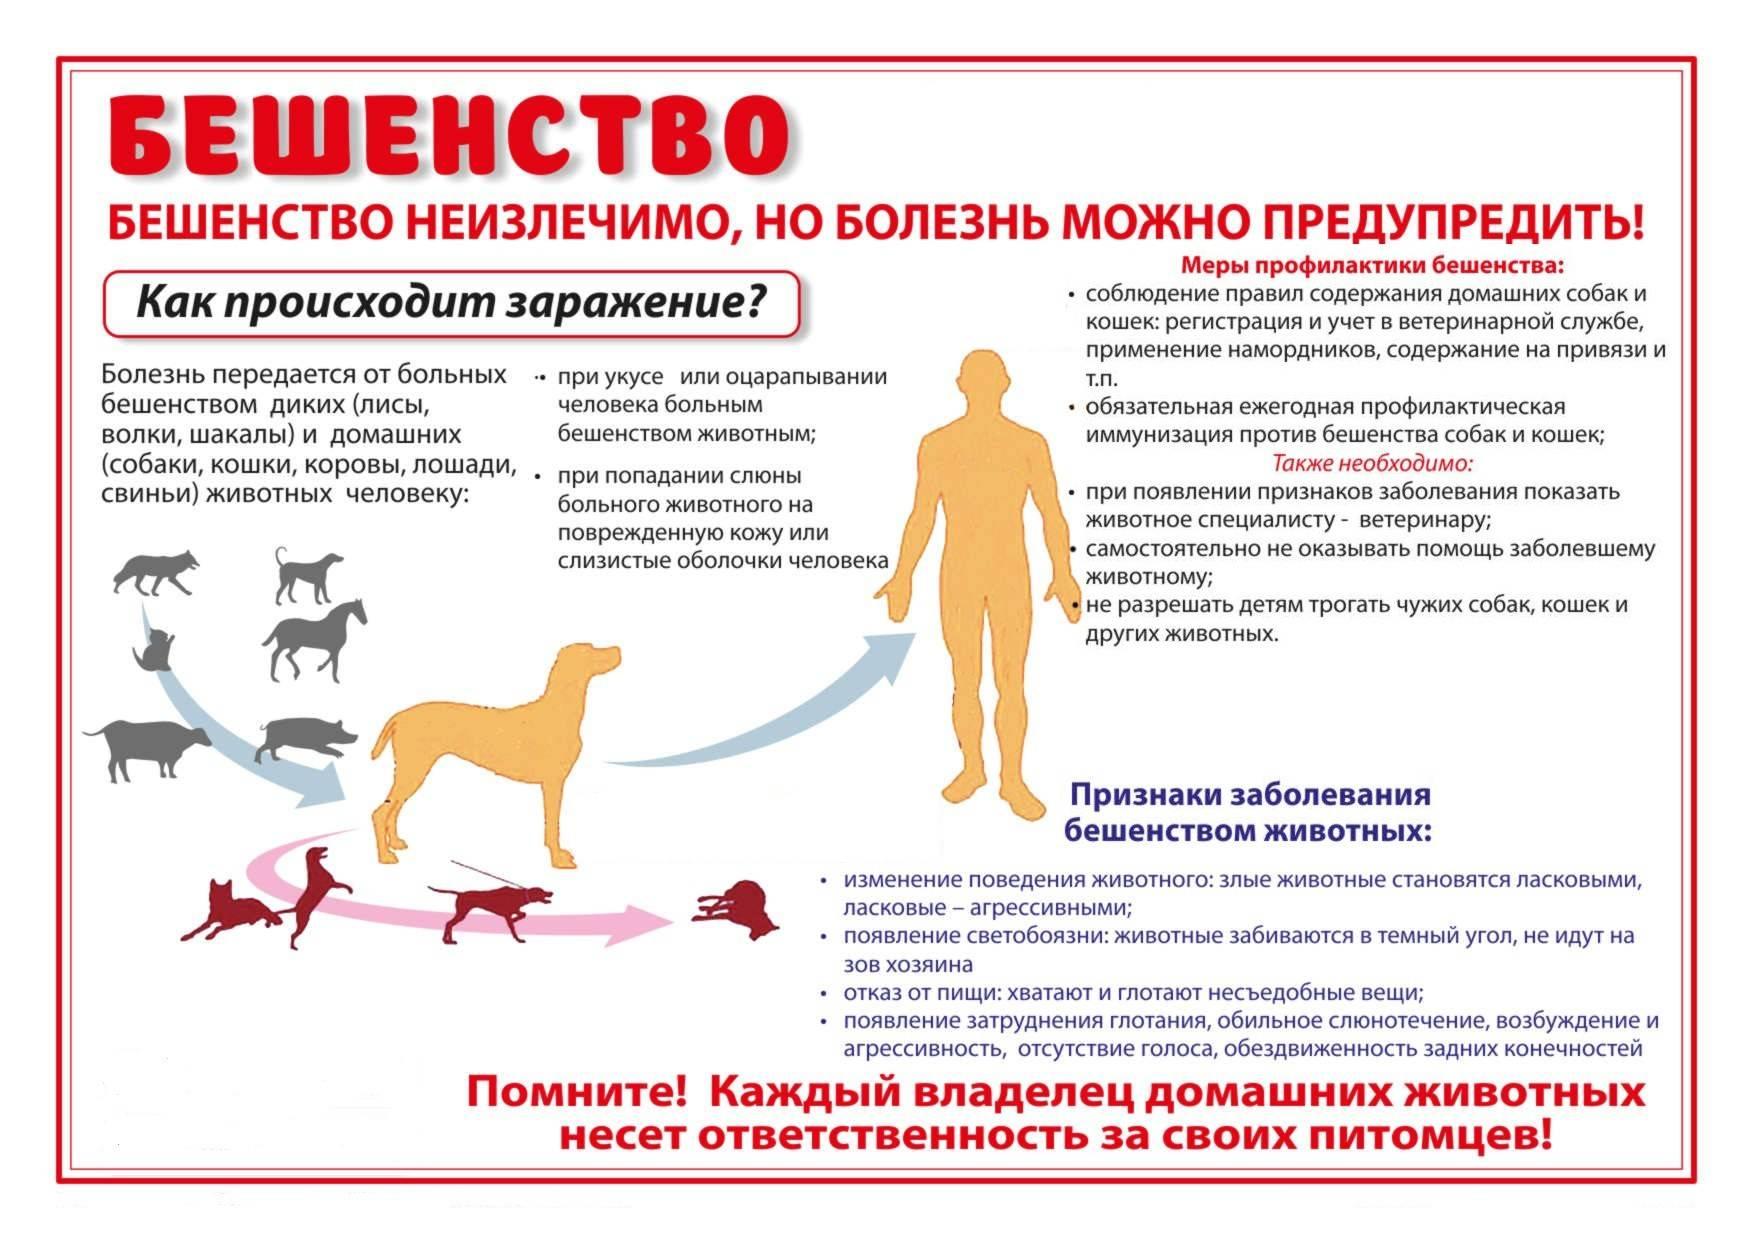 Бешенство у кошек: симптомы, лечение и профилактика опасного заболевания